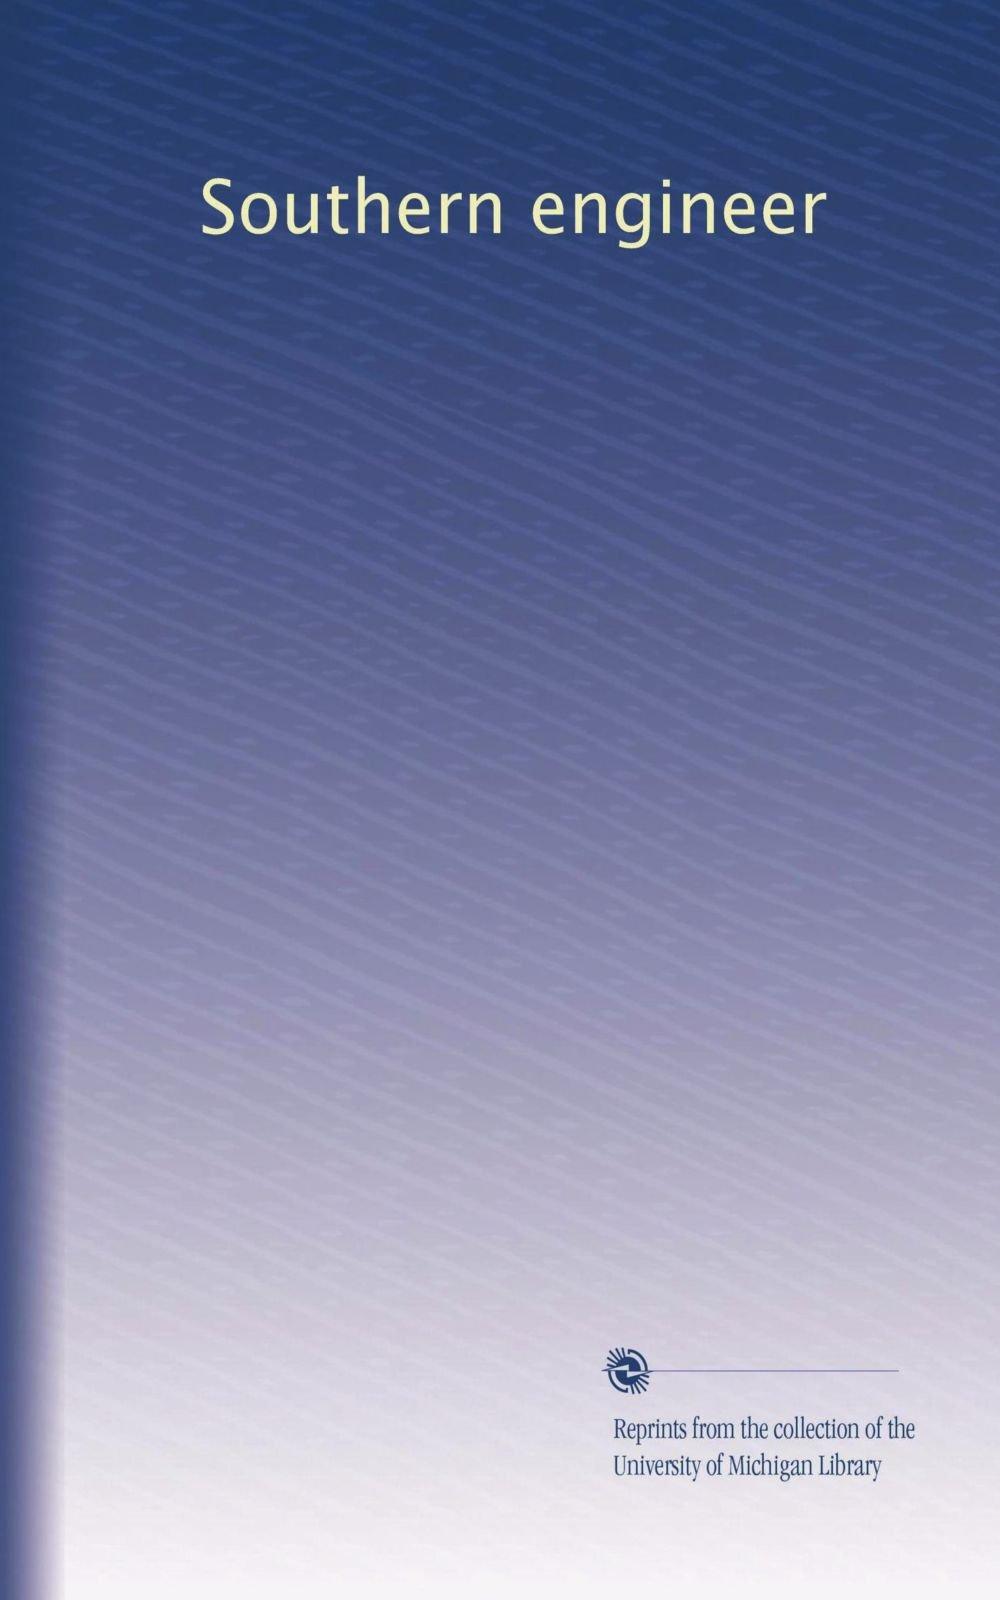 Download Southern engineer (Volume 26) ebook